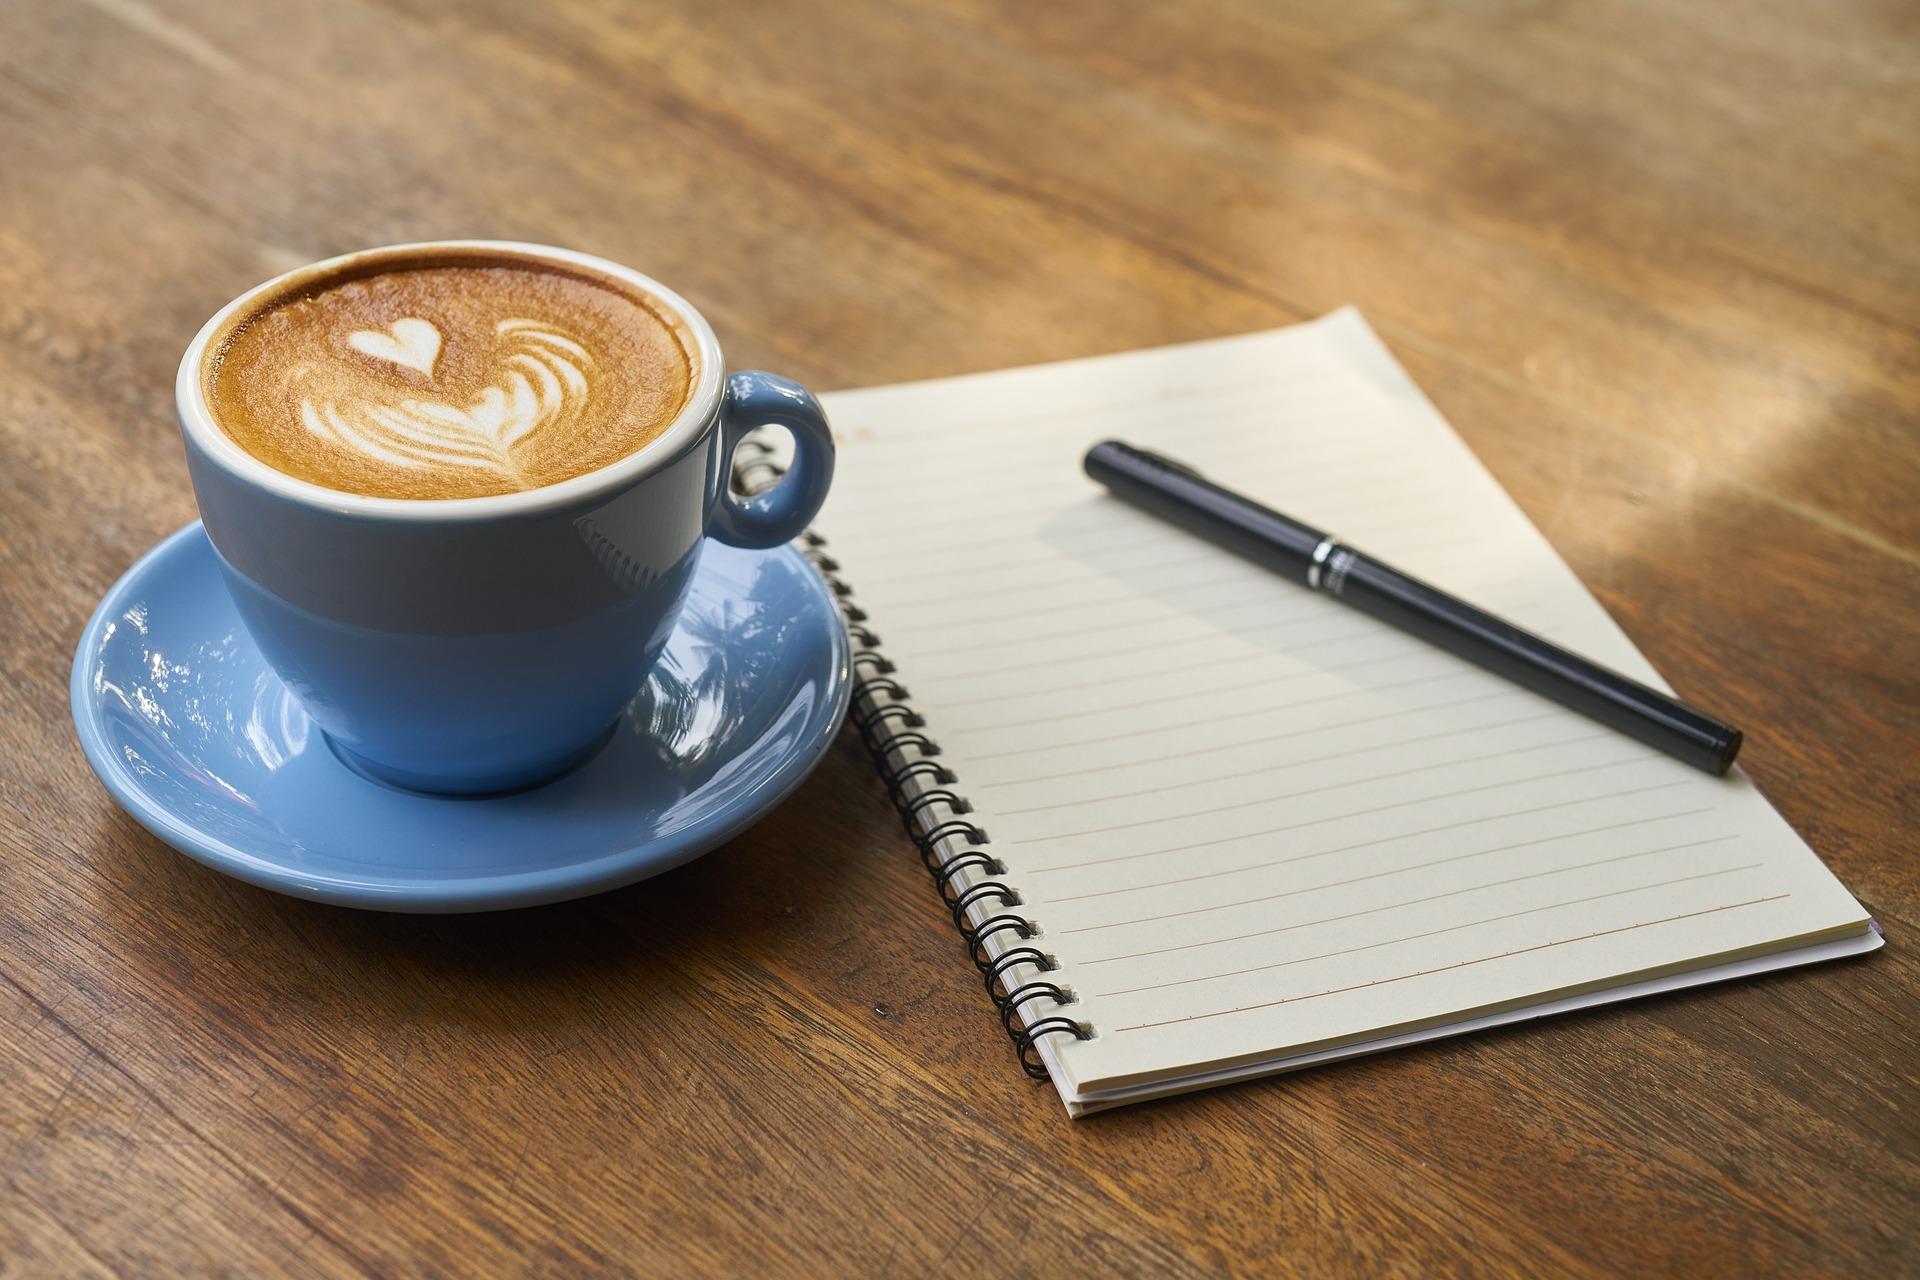 フリーランス必見!5つの条件から選ぶ仕事に最適なカフェとは?